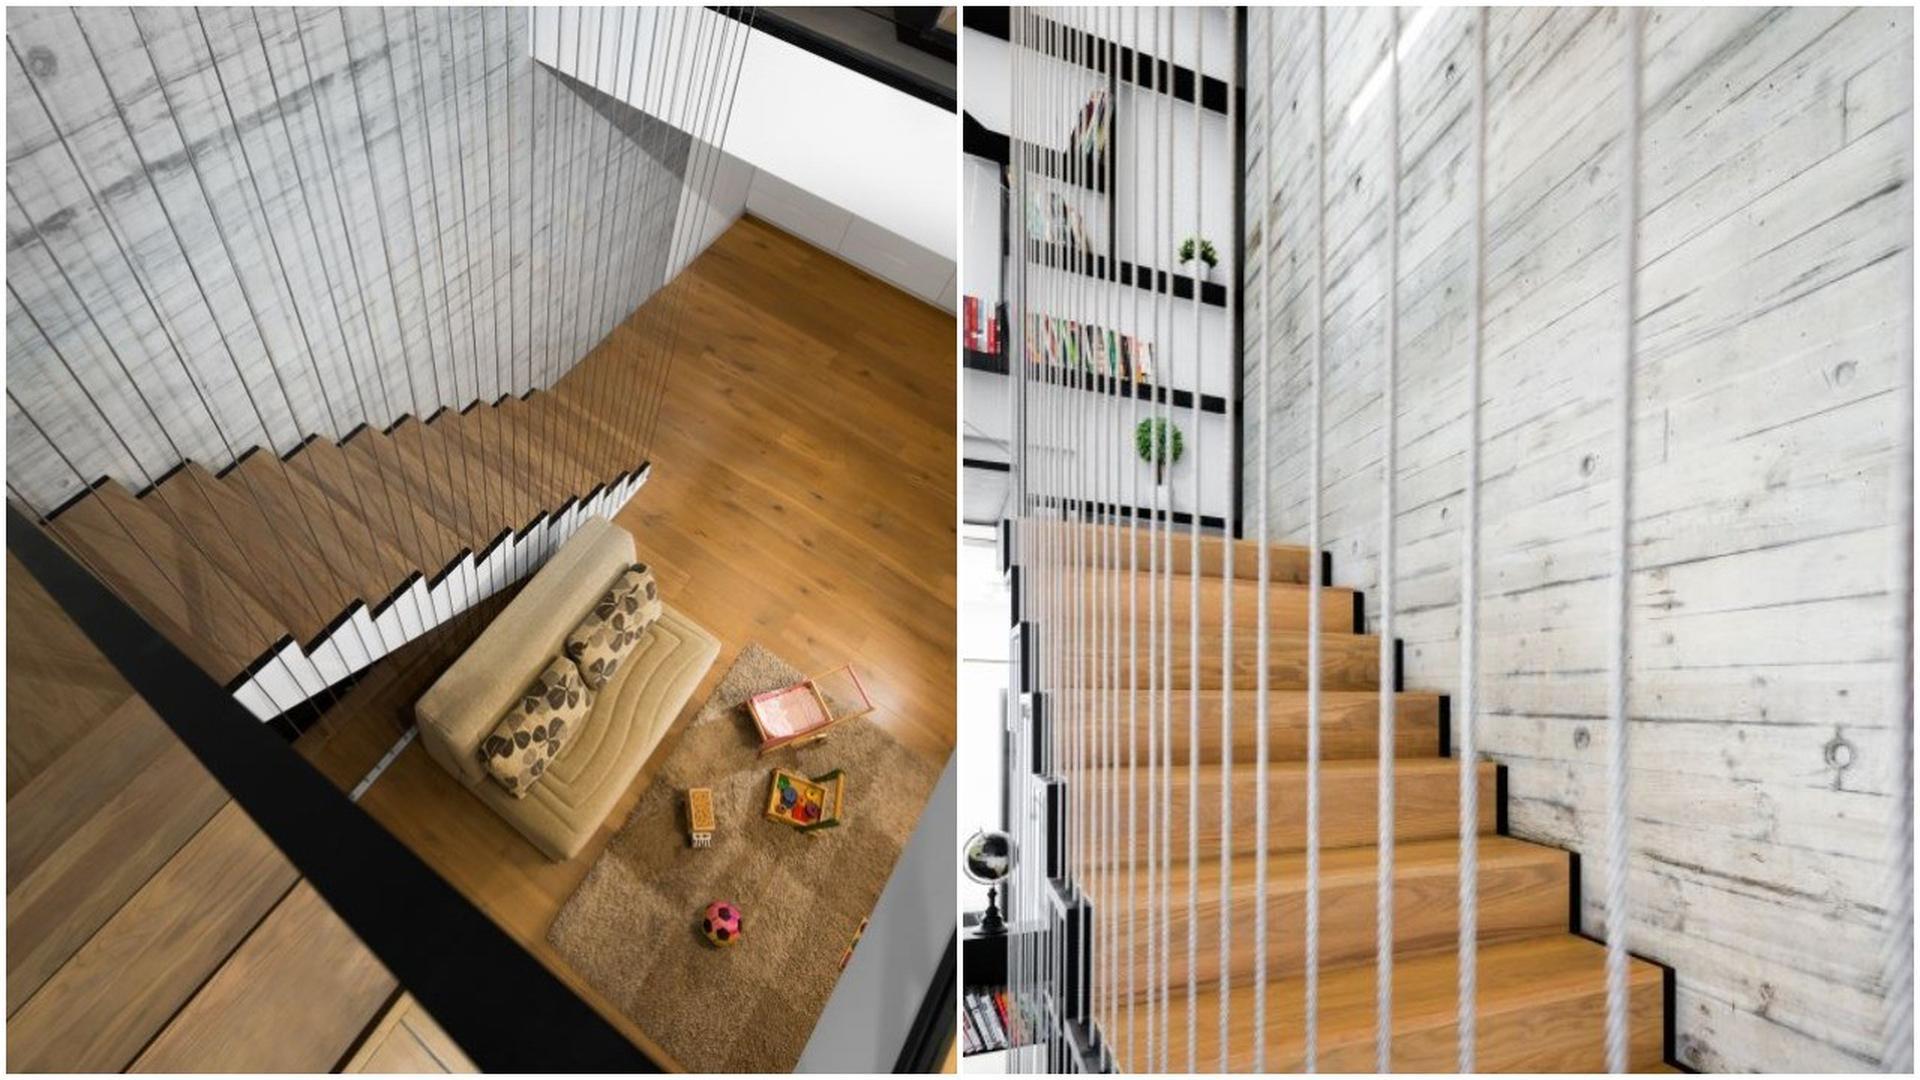 המדרגות שמלוות את הבית. אדריכל: רון שפיגל. צילום: רגב כלף